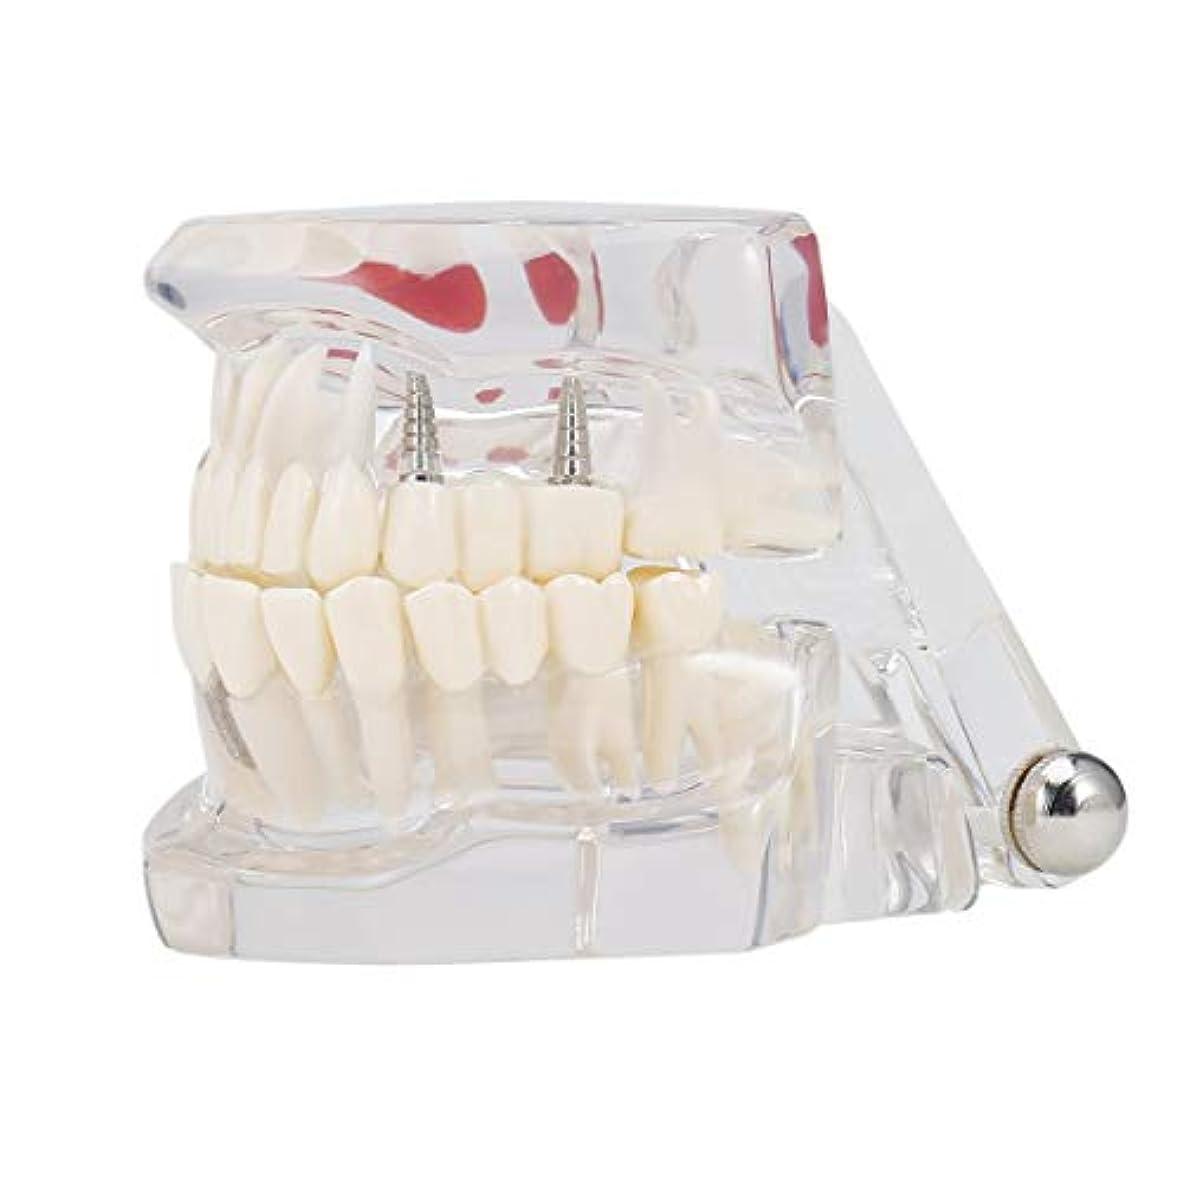 チキン加害者強化専門の取り外し可能な偽の歯の歯の病気のモルデルの歯科インプラント回復表示医院の病院の教育使用 (色:黒)(Rustle666)